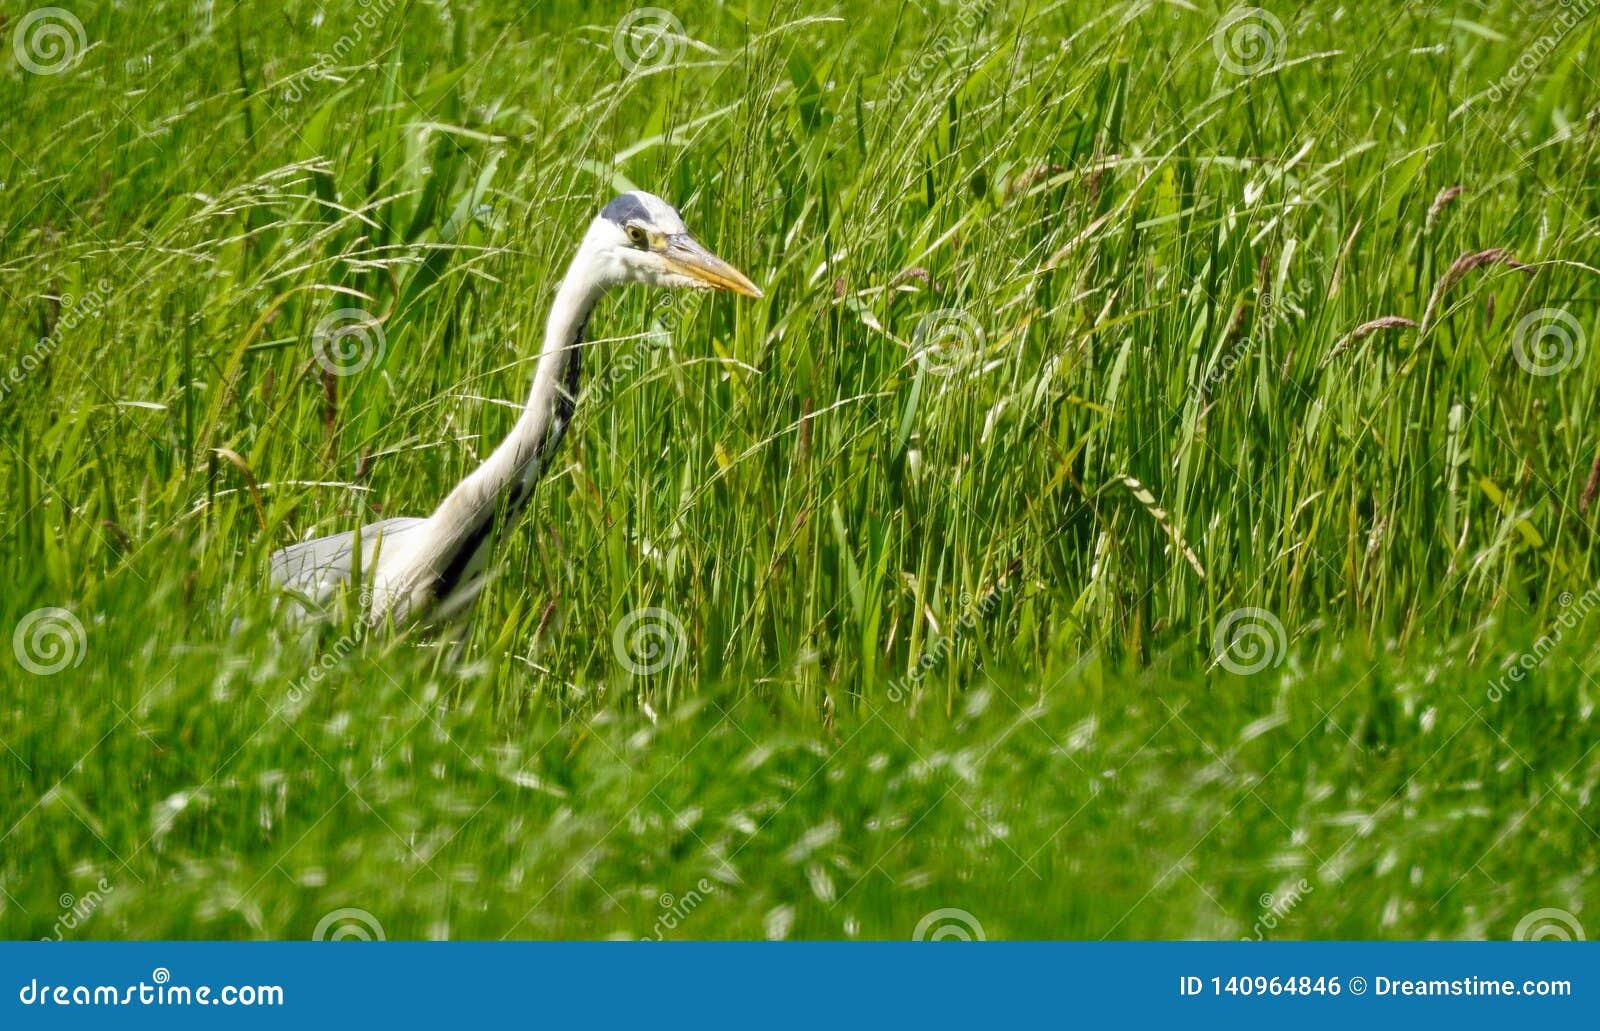 Czapla szuka jedzenie w przykopie między trawą